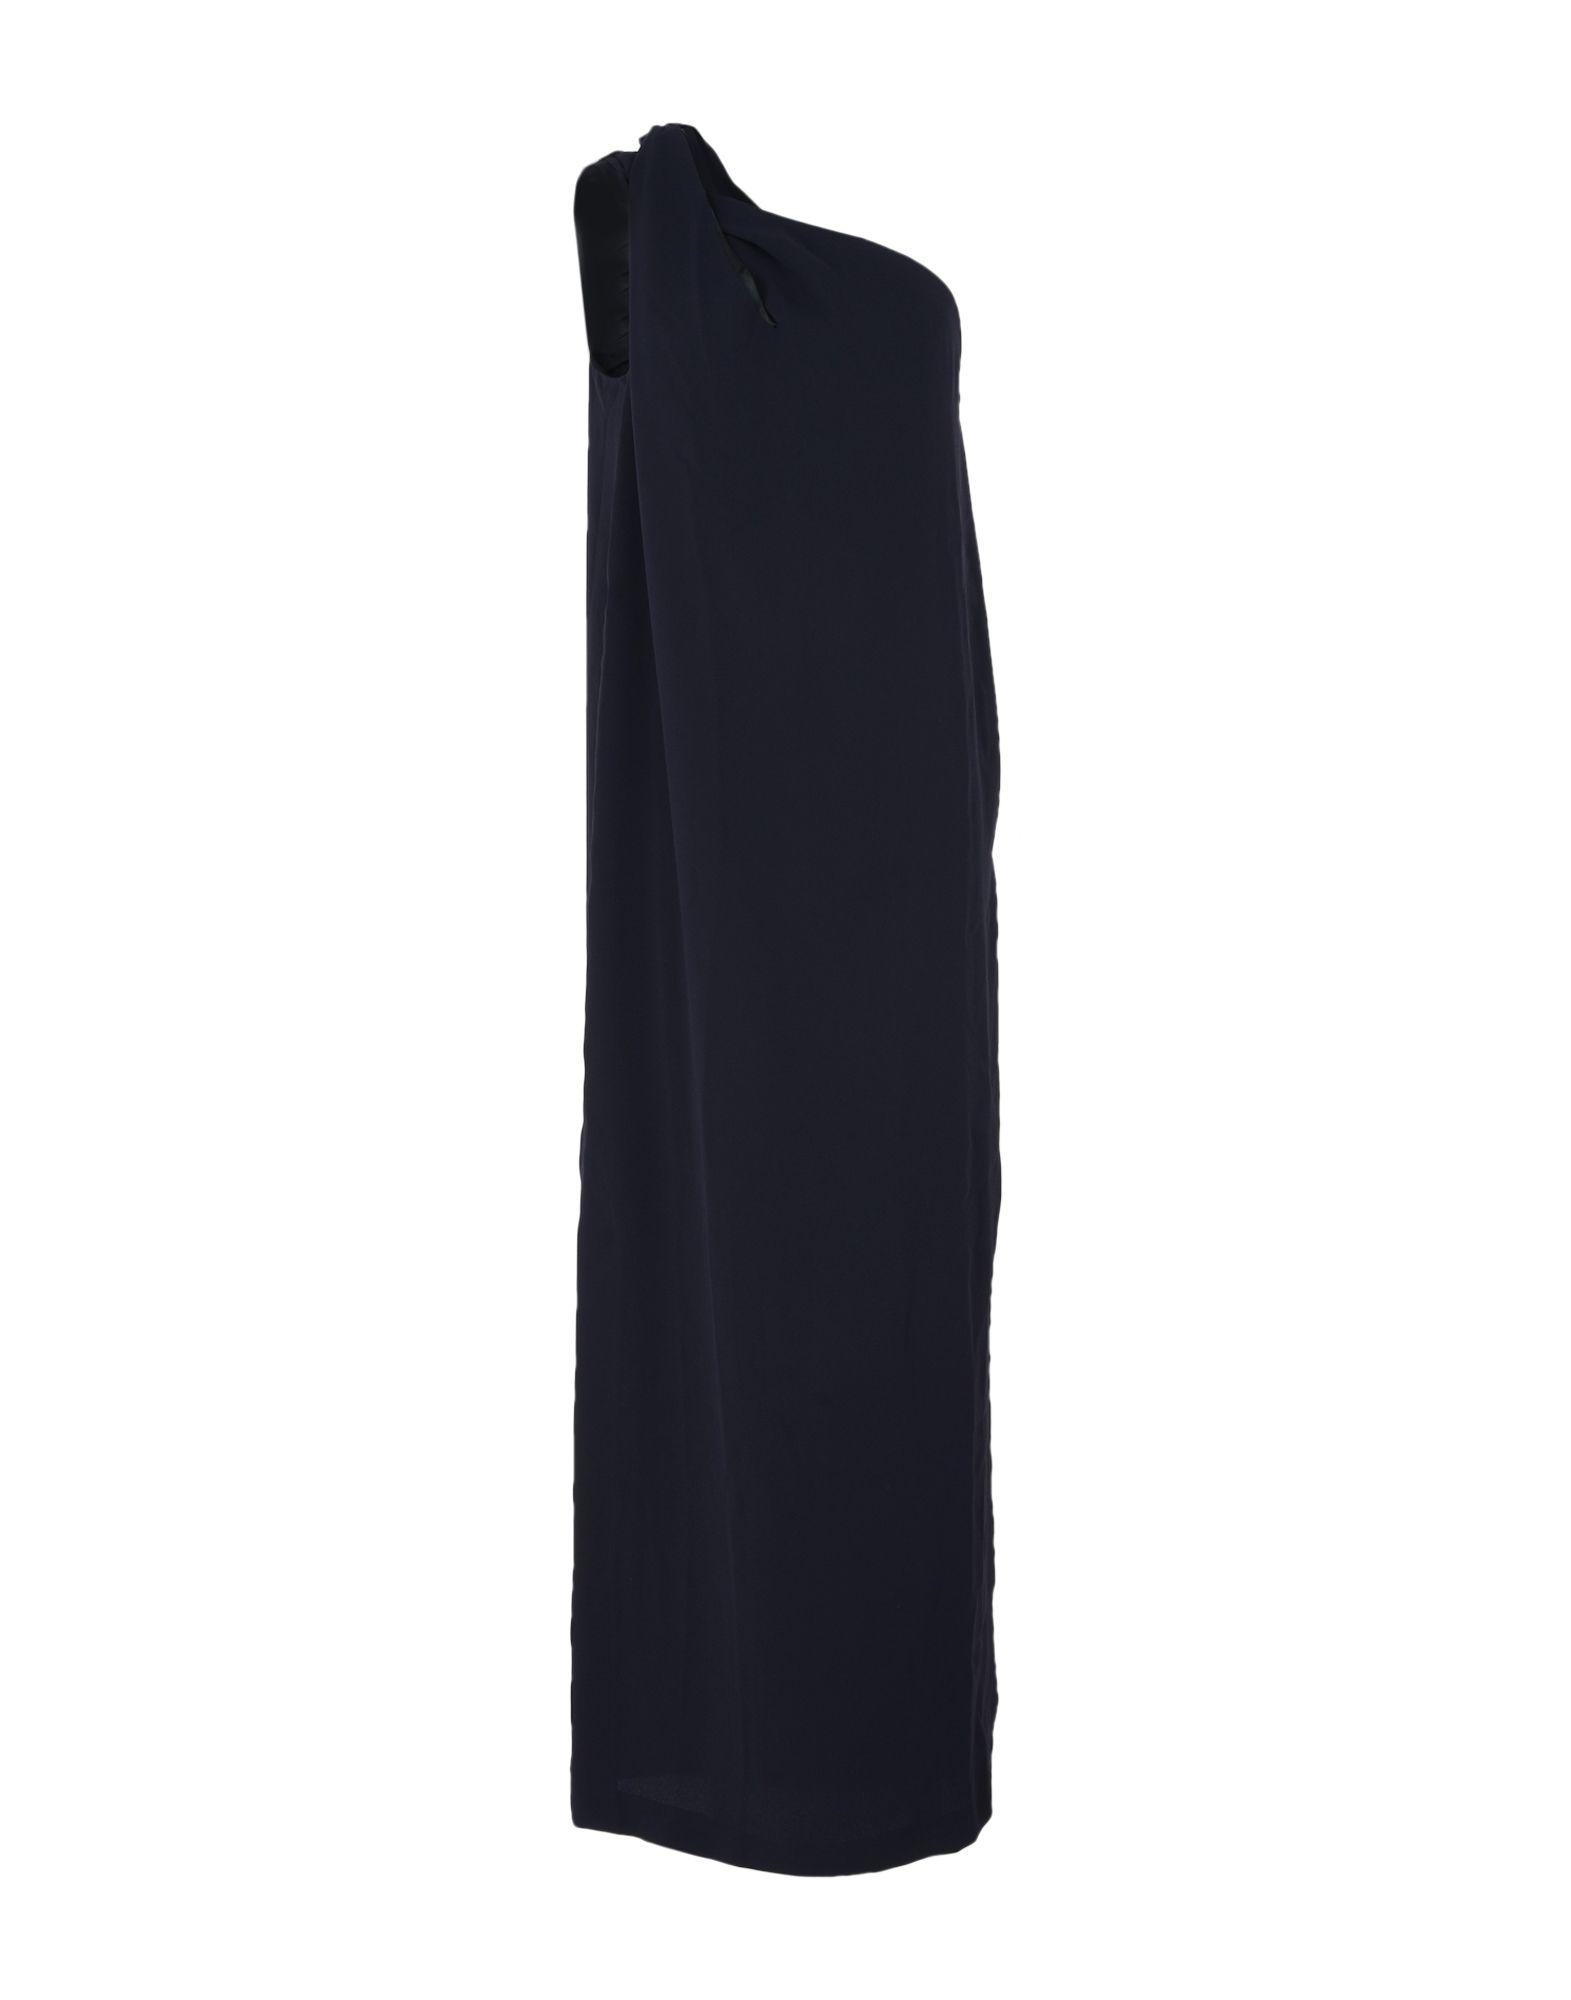 IRIS & INK Длинное платье 923 зима полный дрель бархат вечернее платье длинное плечо банкет тост одежды тонкий тонкий хост